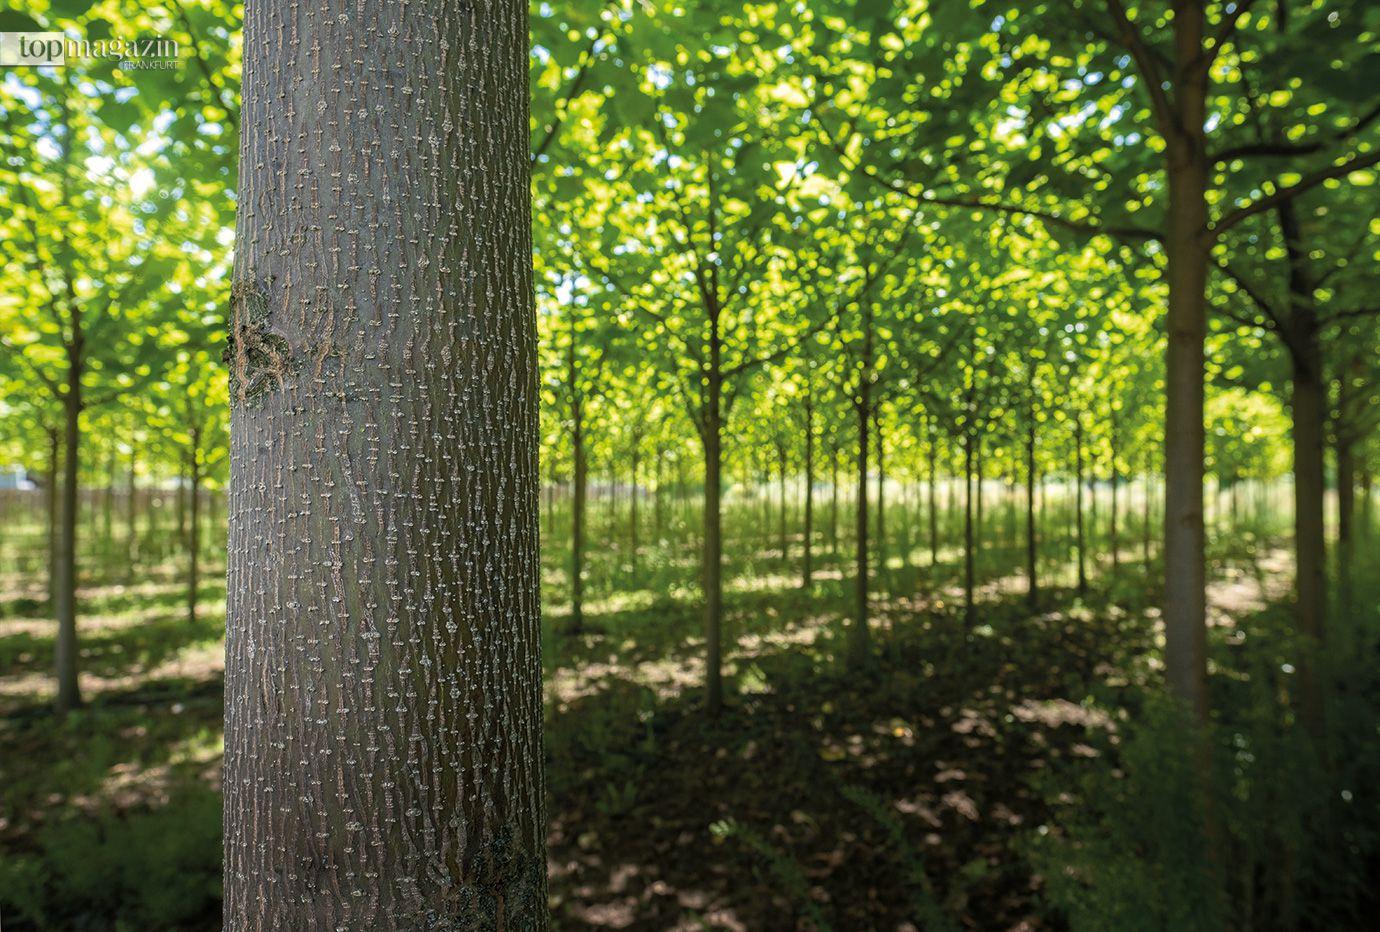 Auch das Investment in Holz kann ein nachhaltiger Beitrag zum Klimaschutz sein. Diese Versuchsplantage mit schnell wachsenden Kiribäumen steht in Frankfurt-Oberrad.